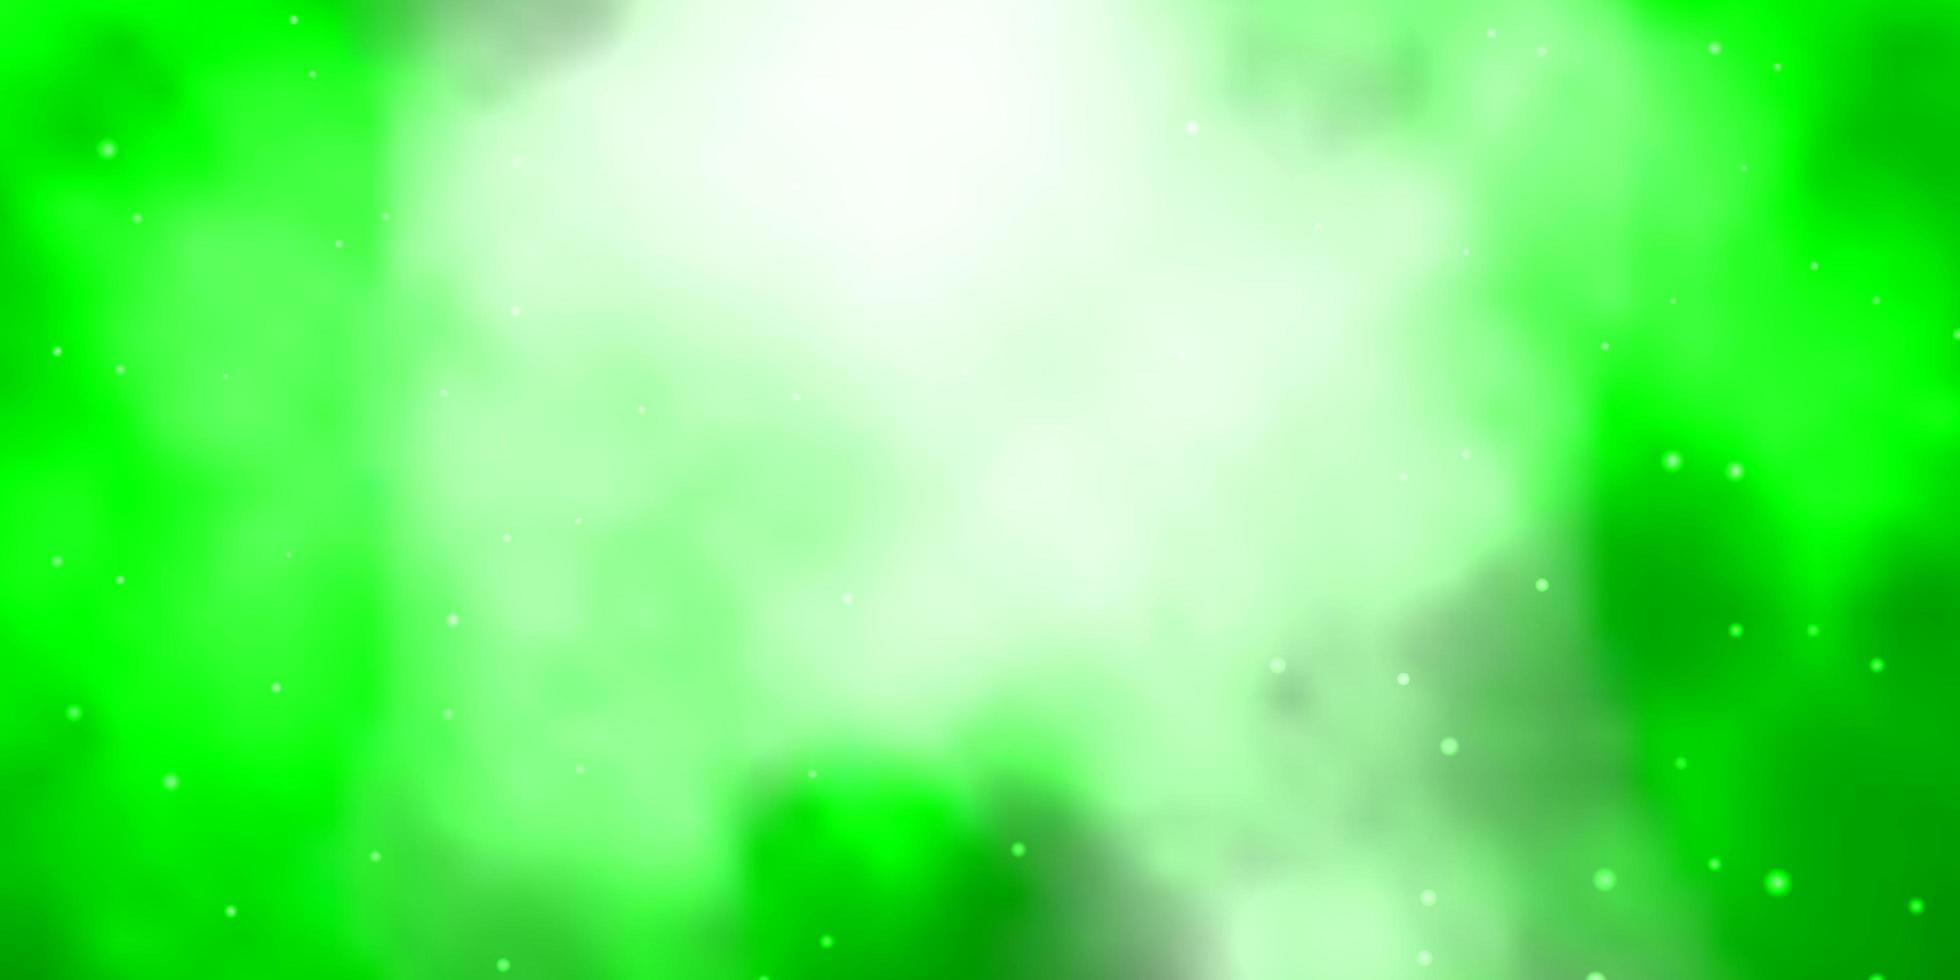 fondo verde claro con estrellas pequeñas y grandes. vector